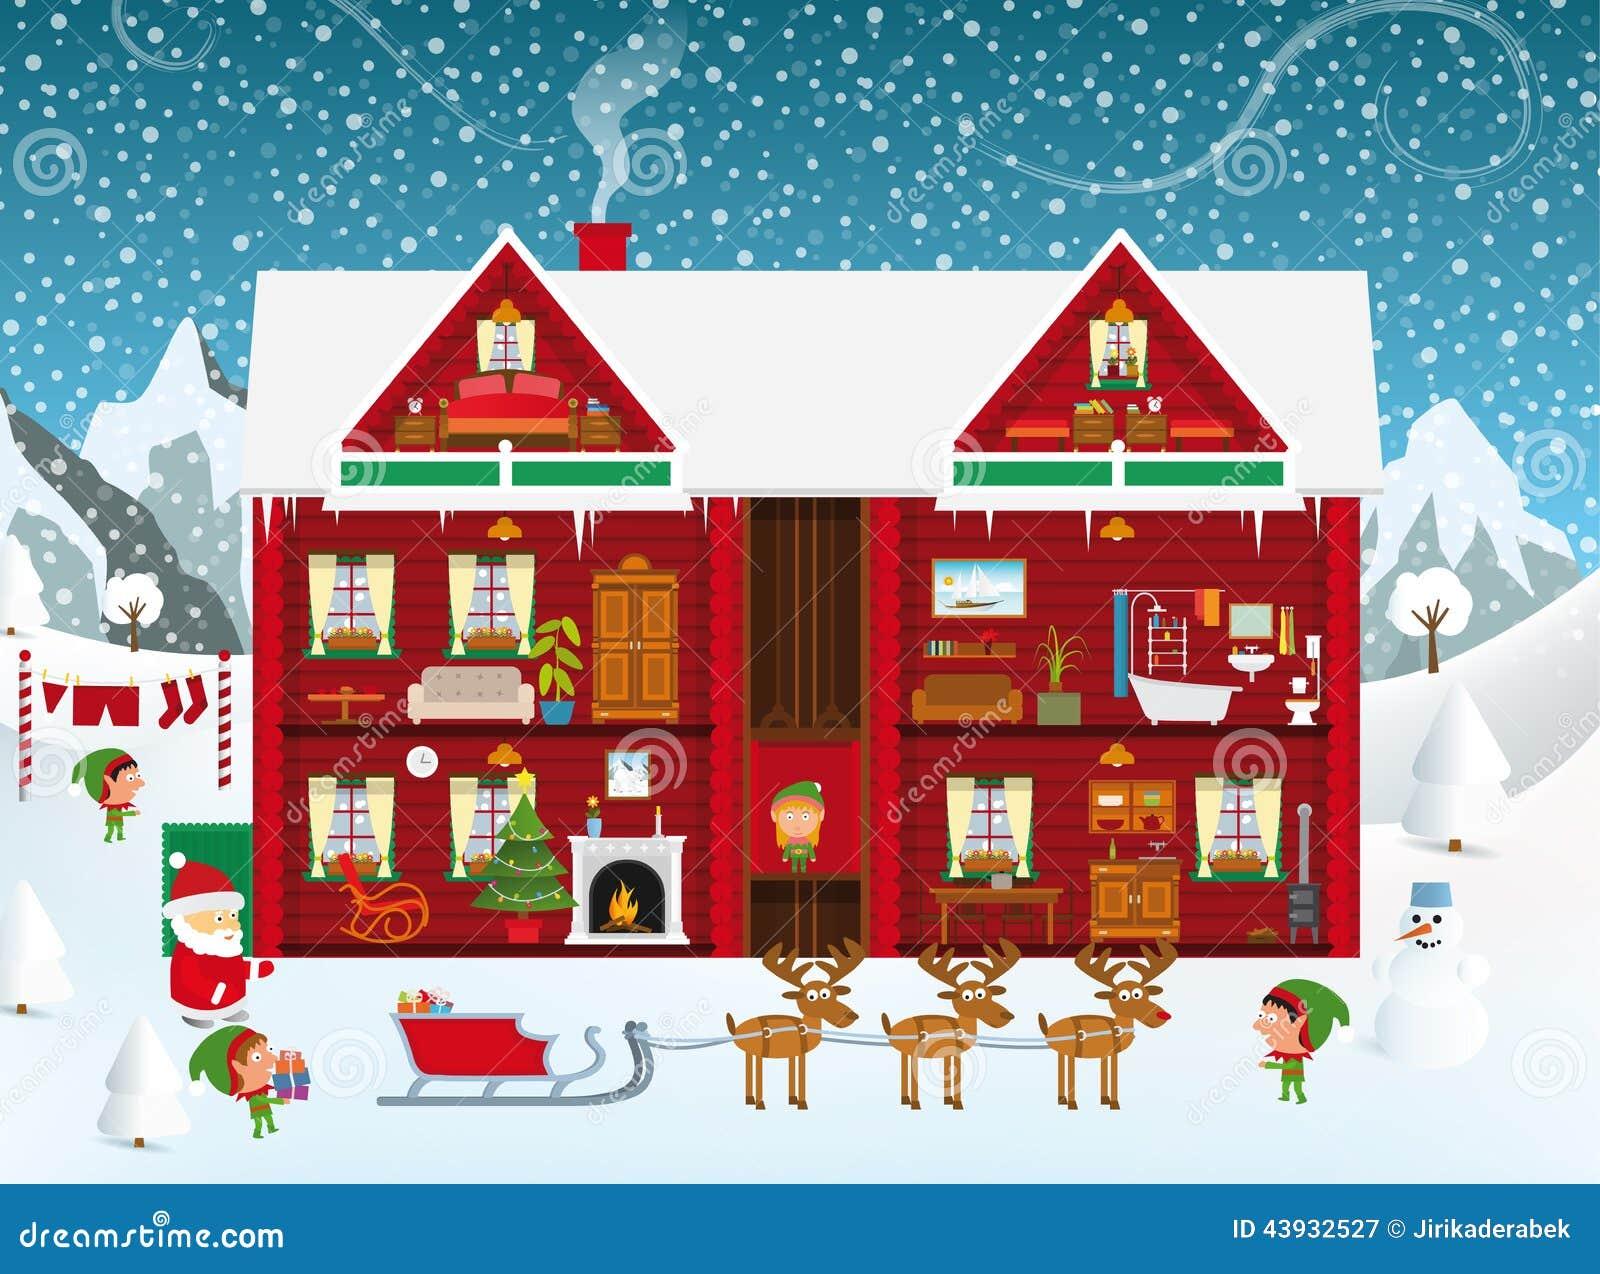 Inside the santa s house stock vector illustration of for Christmas theme design